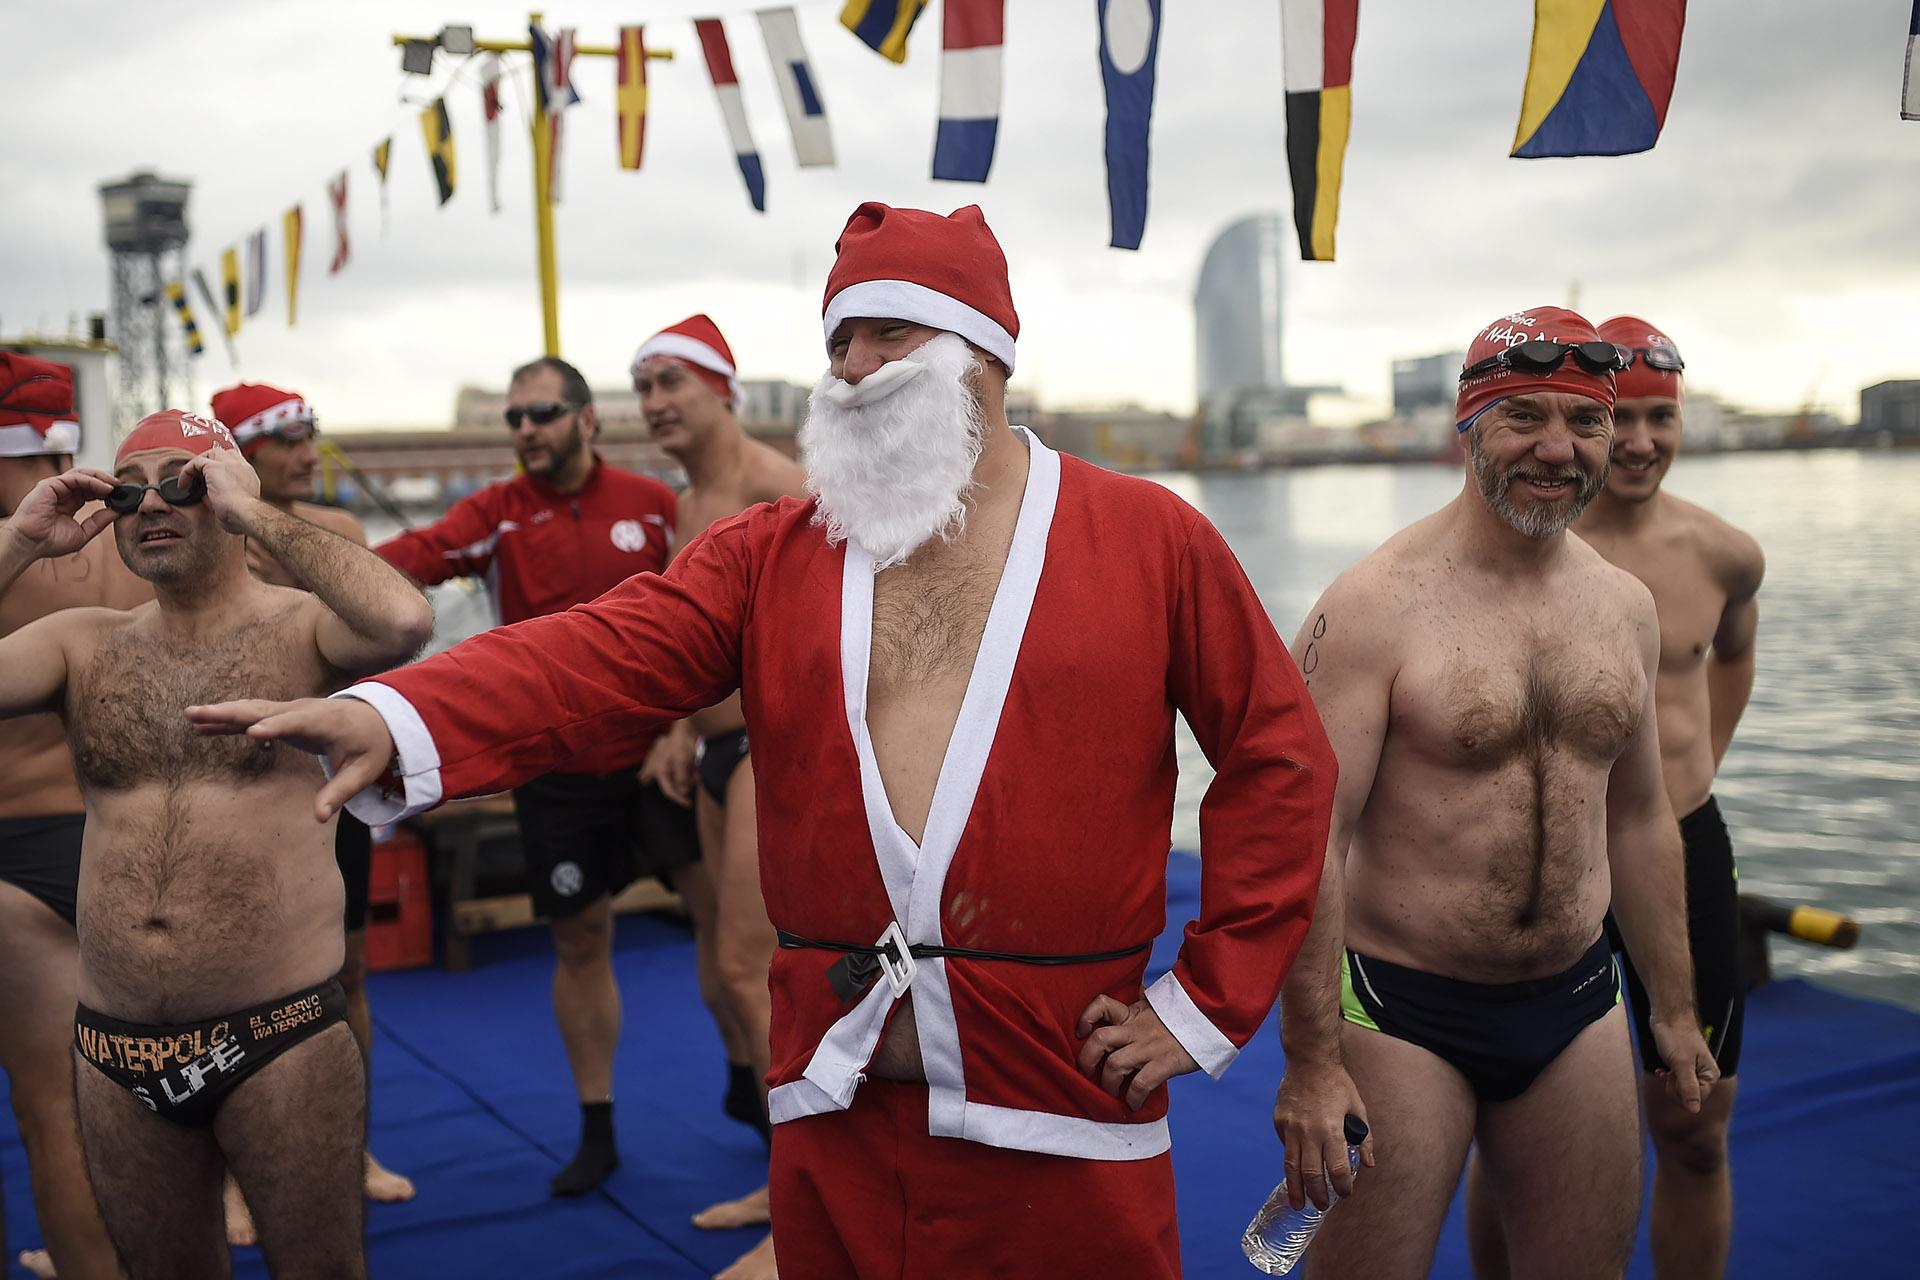 Otra tradición. En Barcelona se realizó la 108° edición de la Copa de Navidad, una carrera de natación de 200 metros que reunió a 300 participantes.